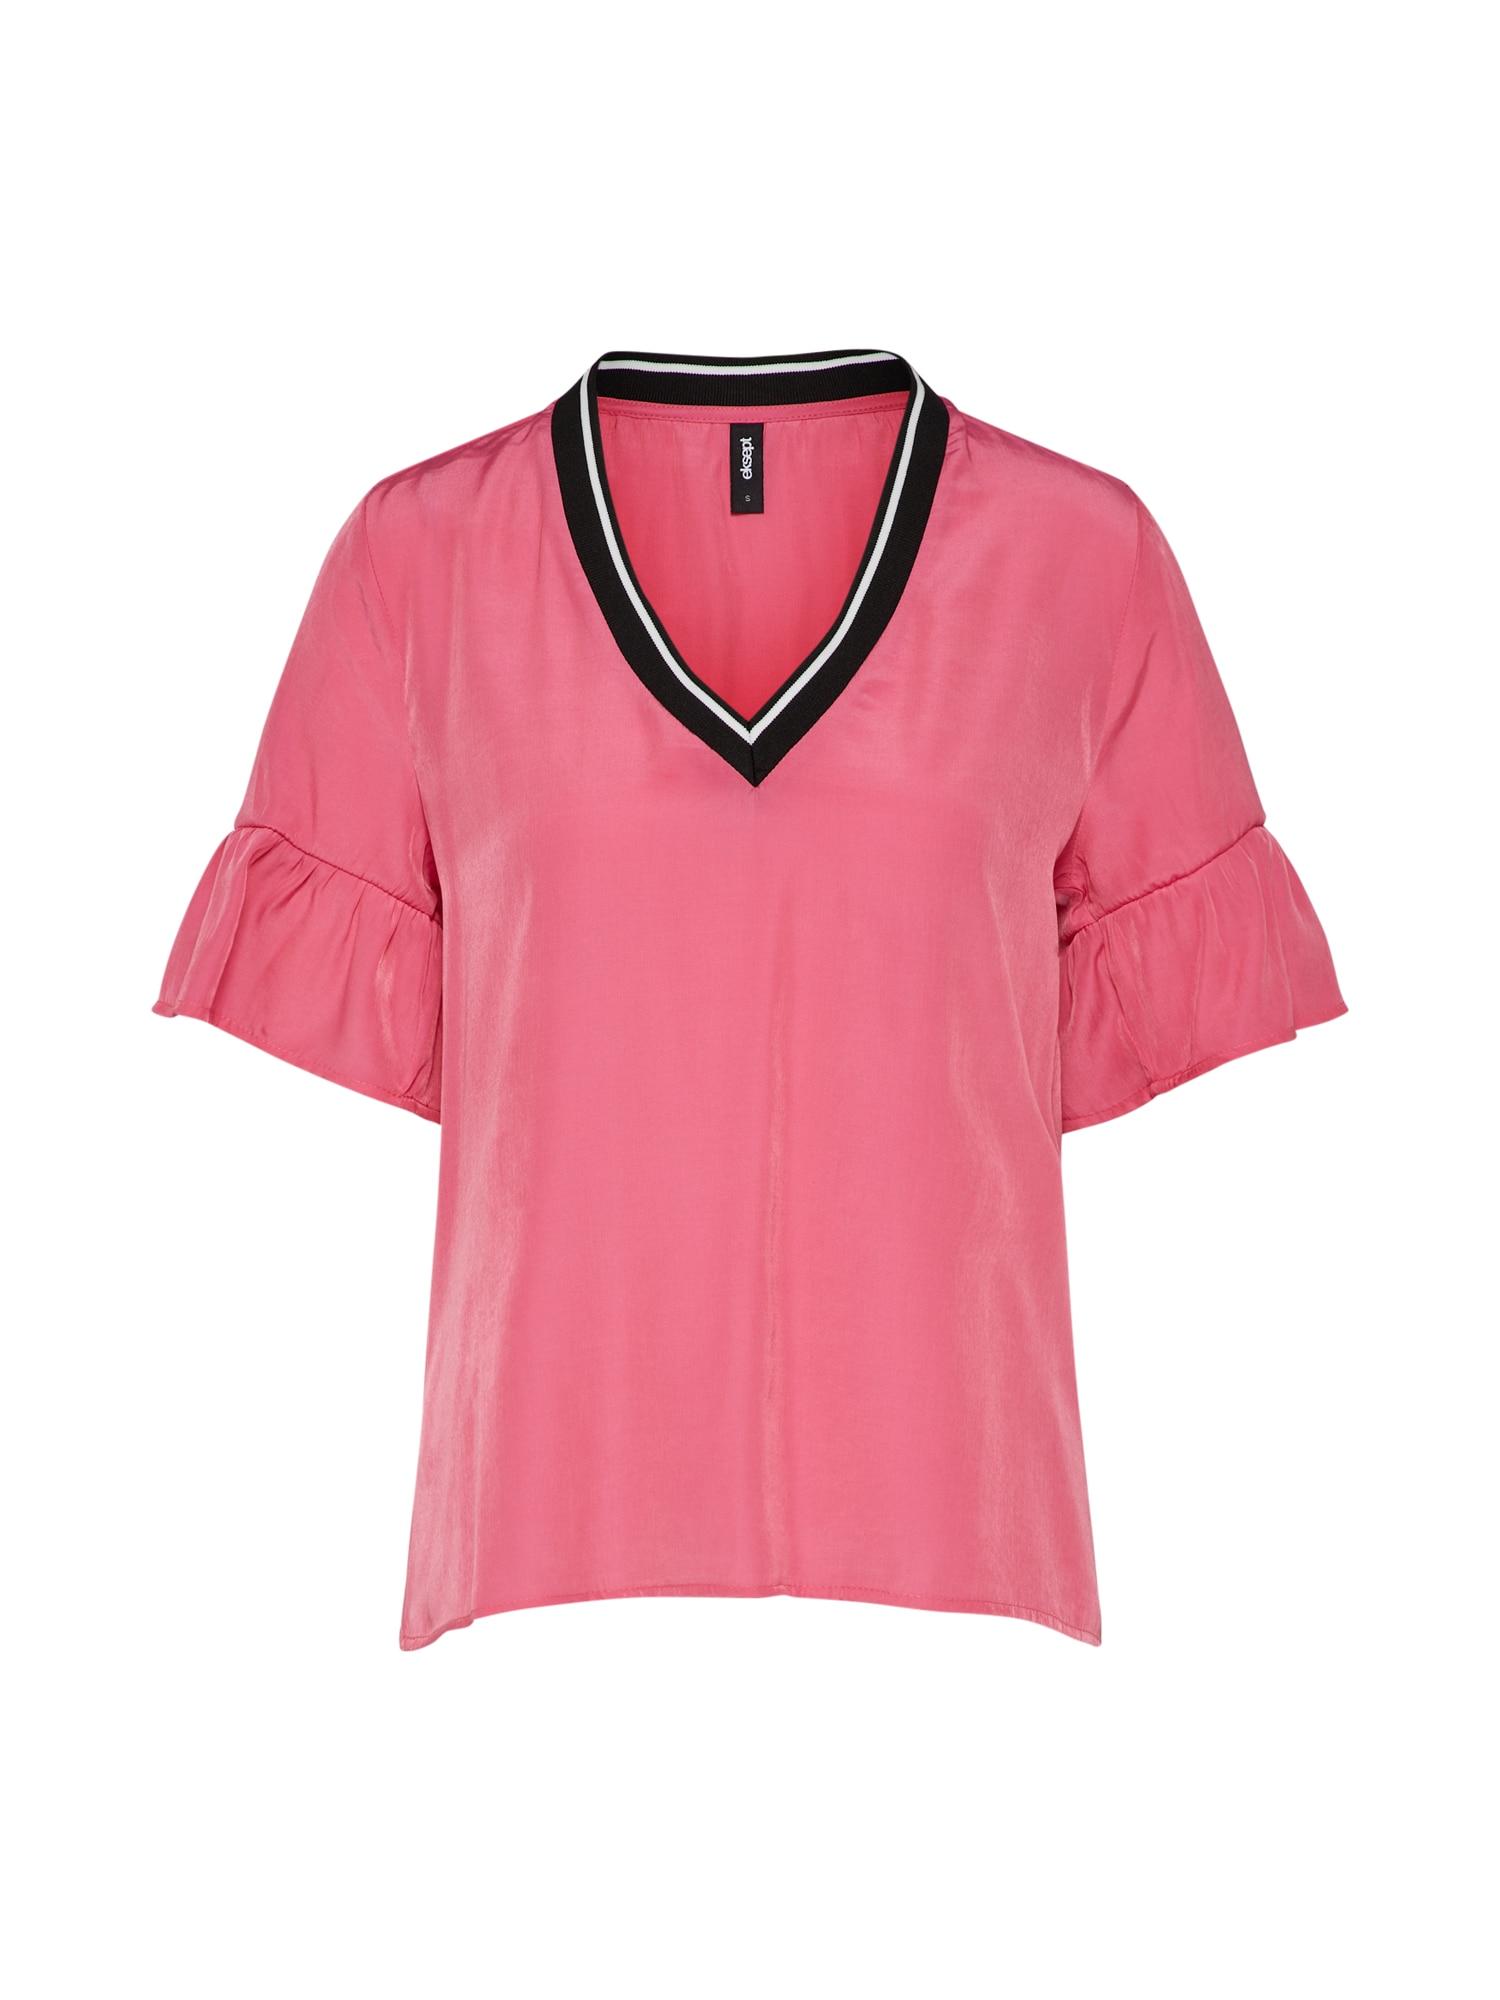 Tričko BOELIE pink Eksept